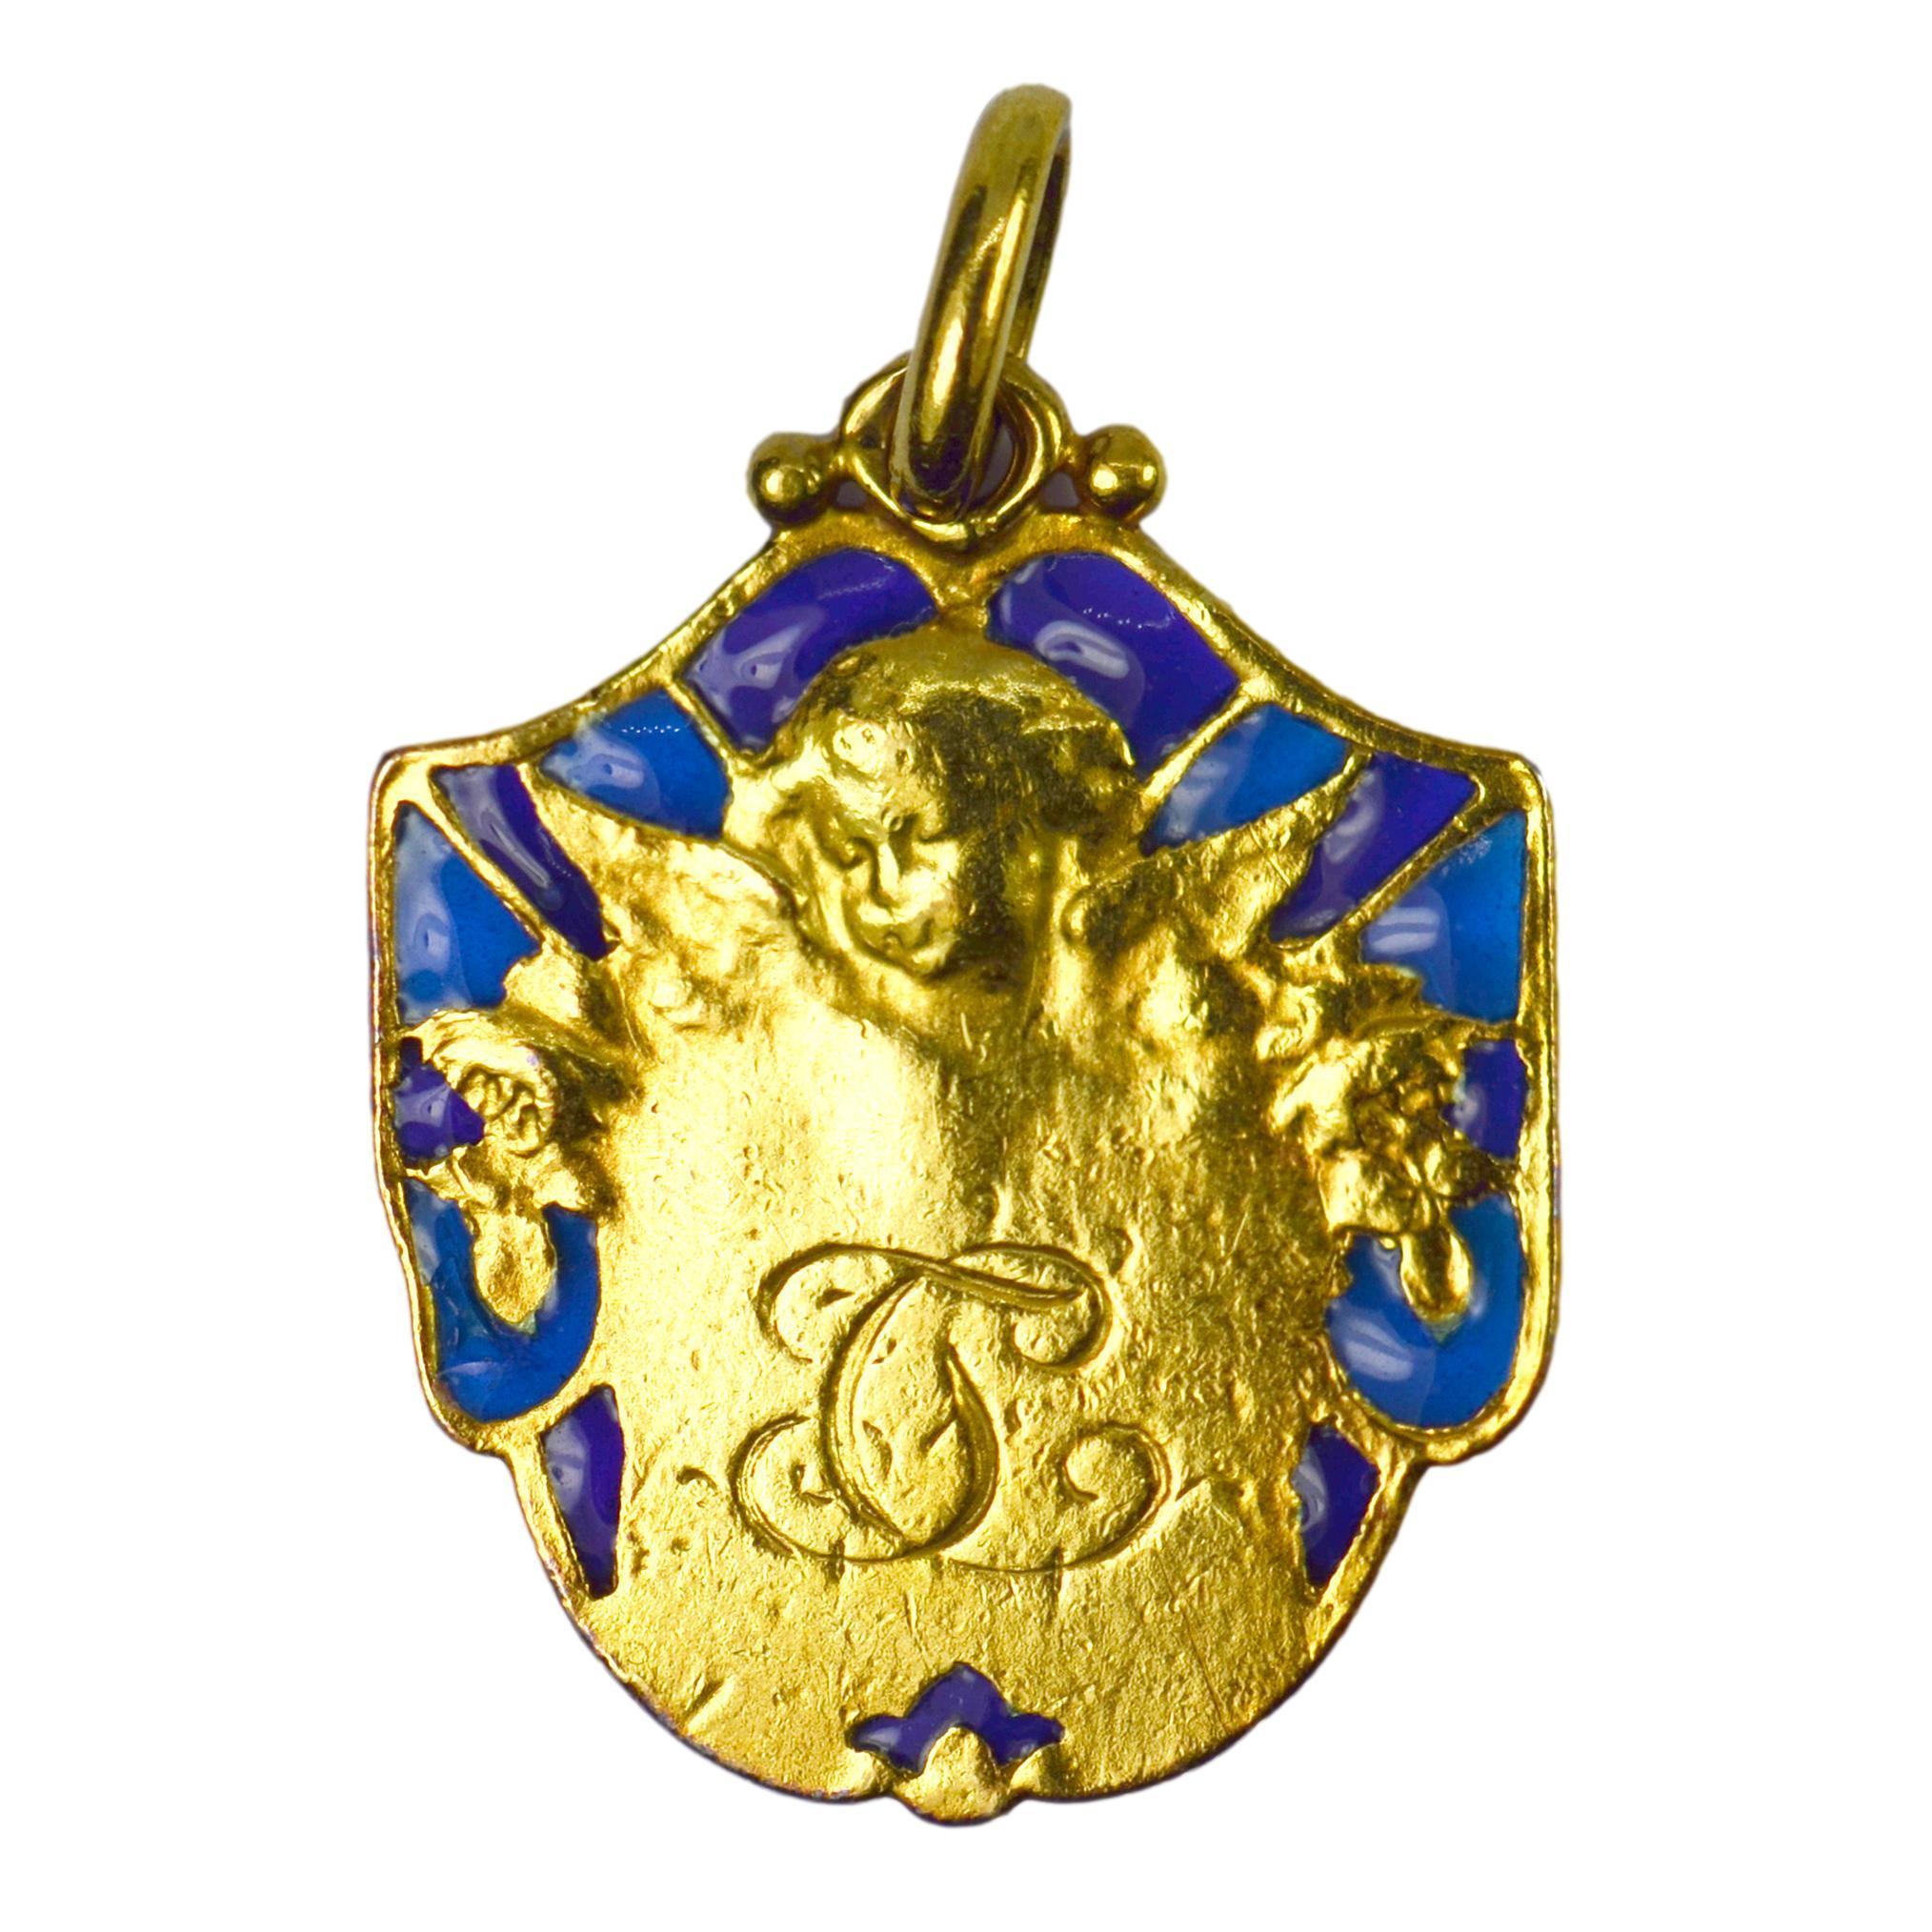 French Cherub Plique-A-Jour Enamel 18k Yellow Gold Medal Pendant